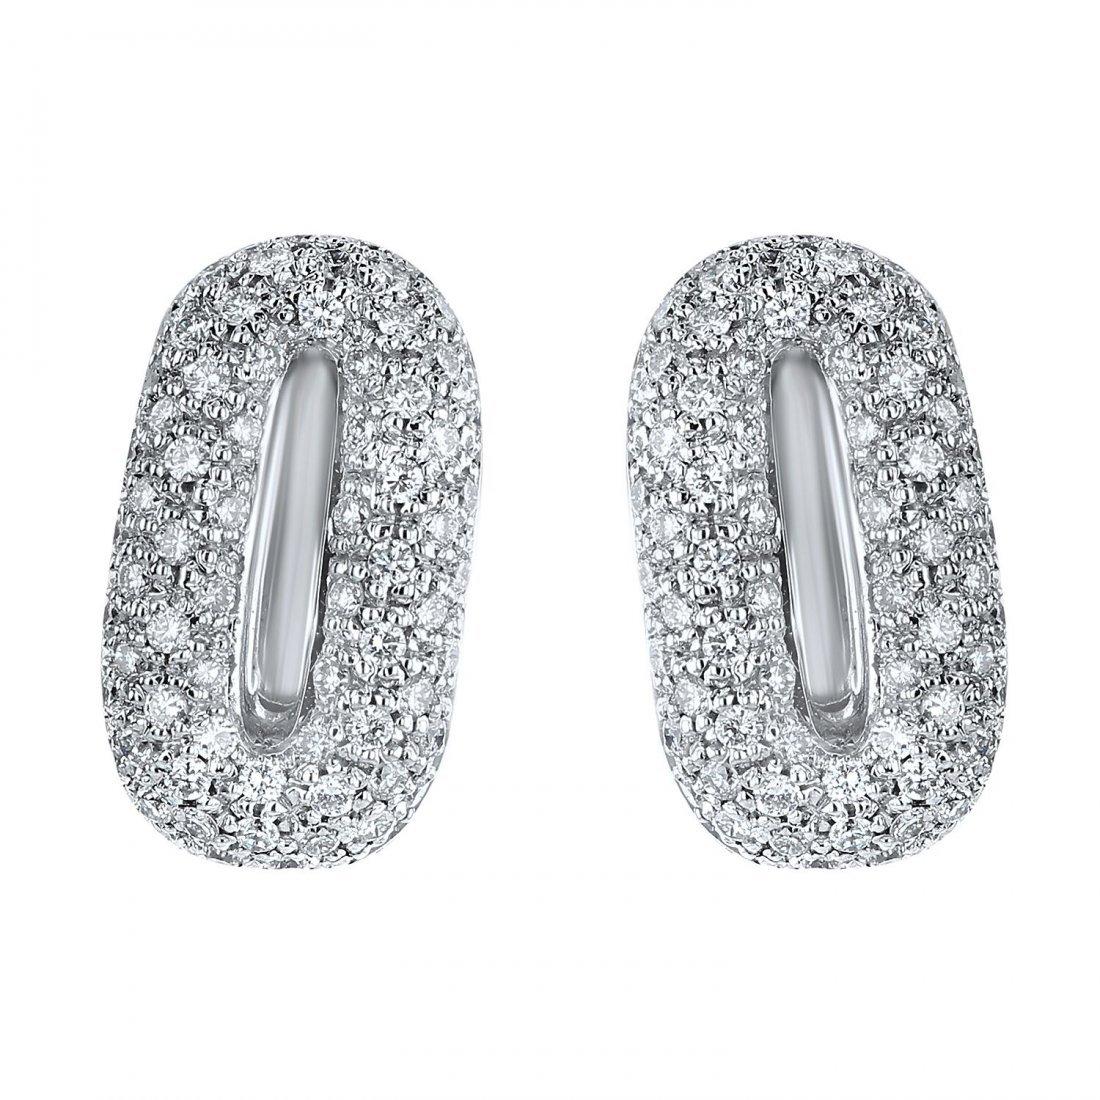 18K White Gold 1.58 CT Diamond Earrings